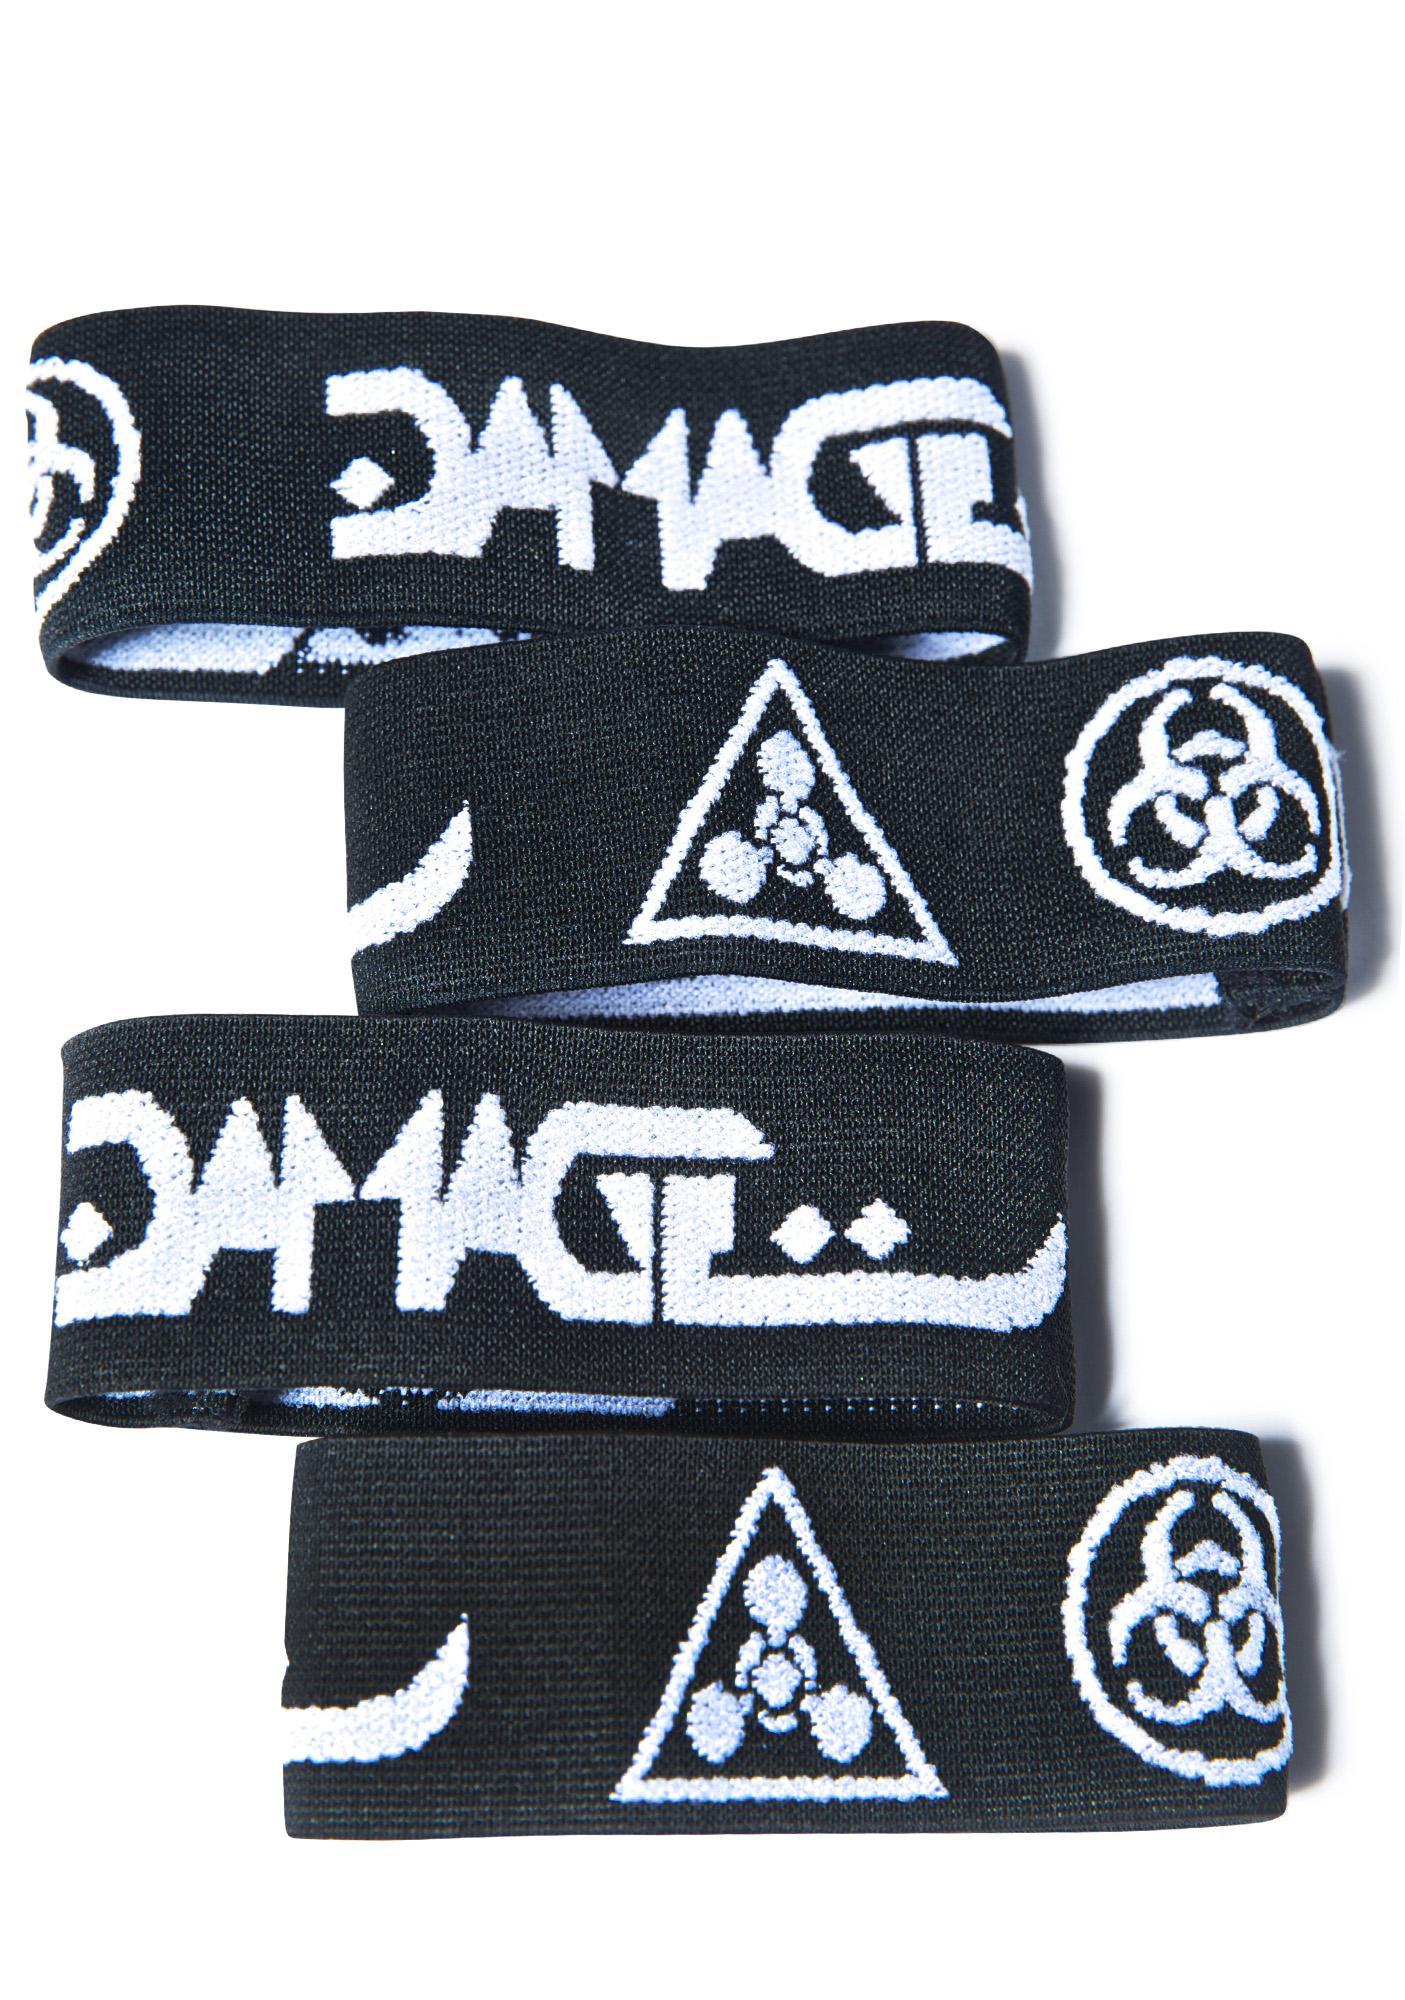 DAMAGE Logo Arm Band Set